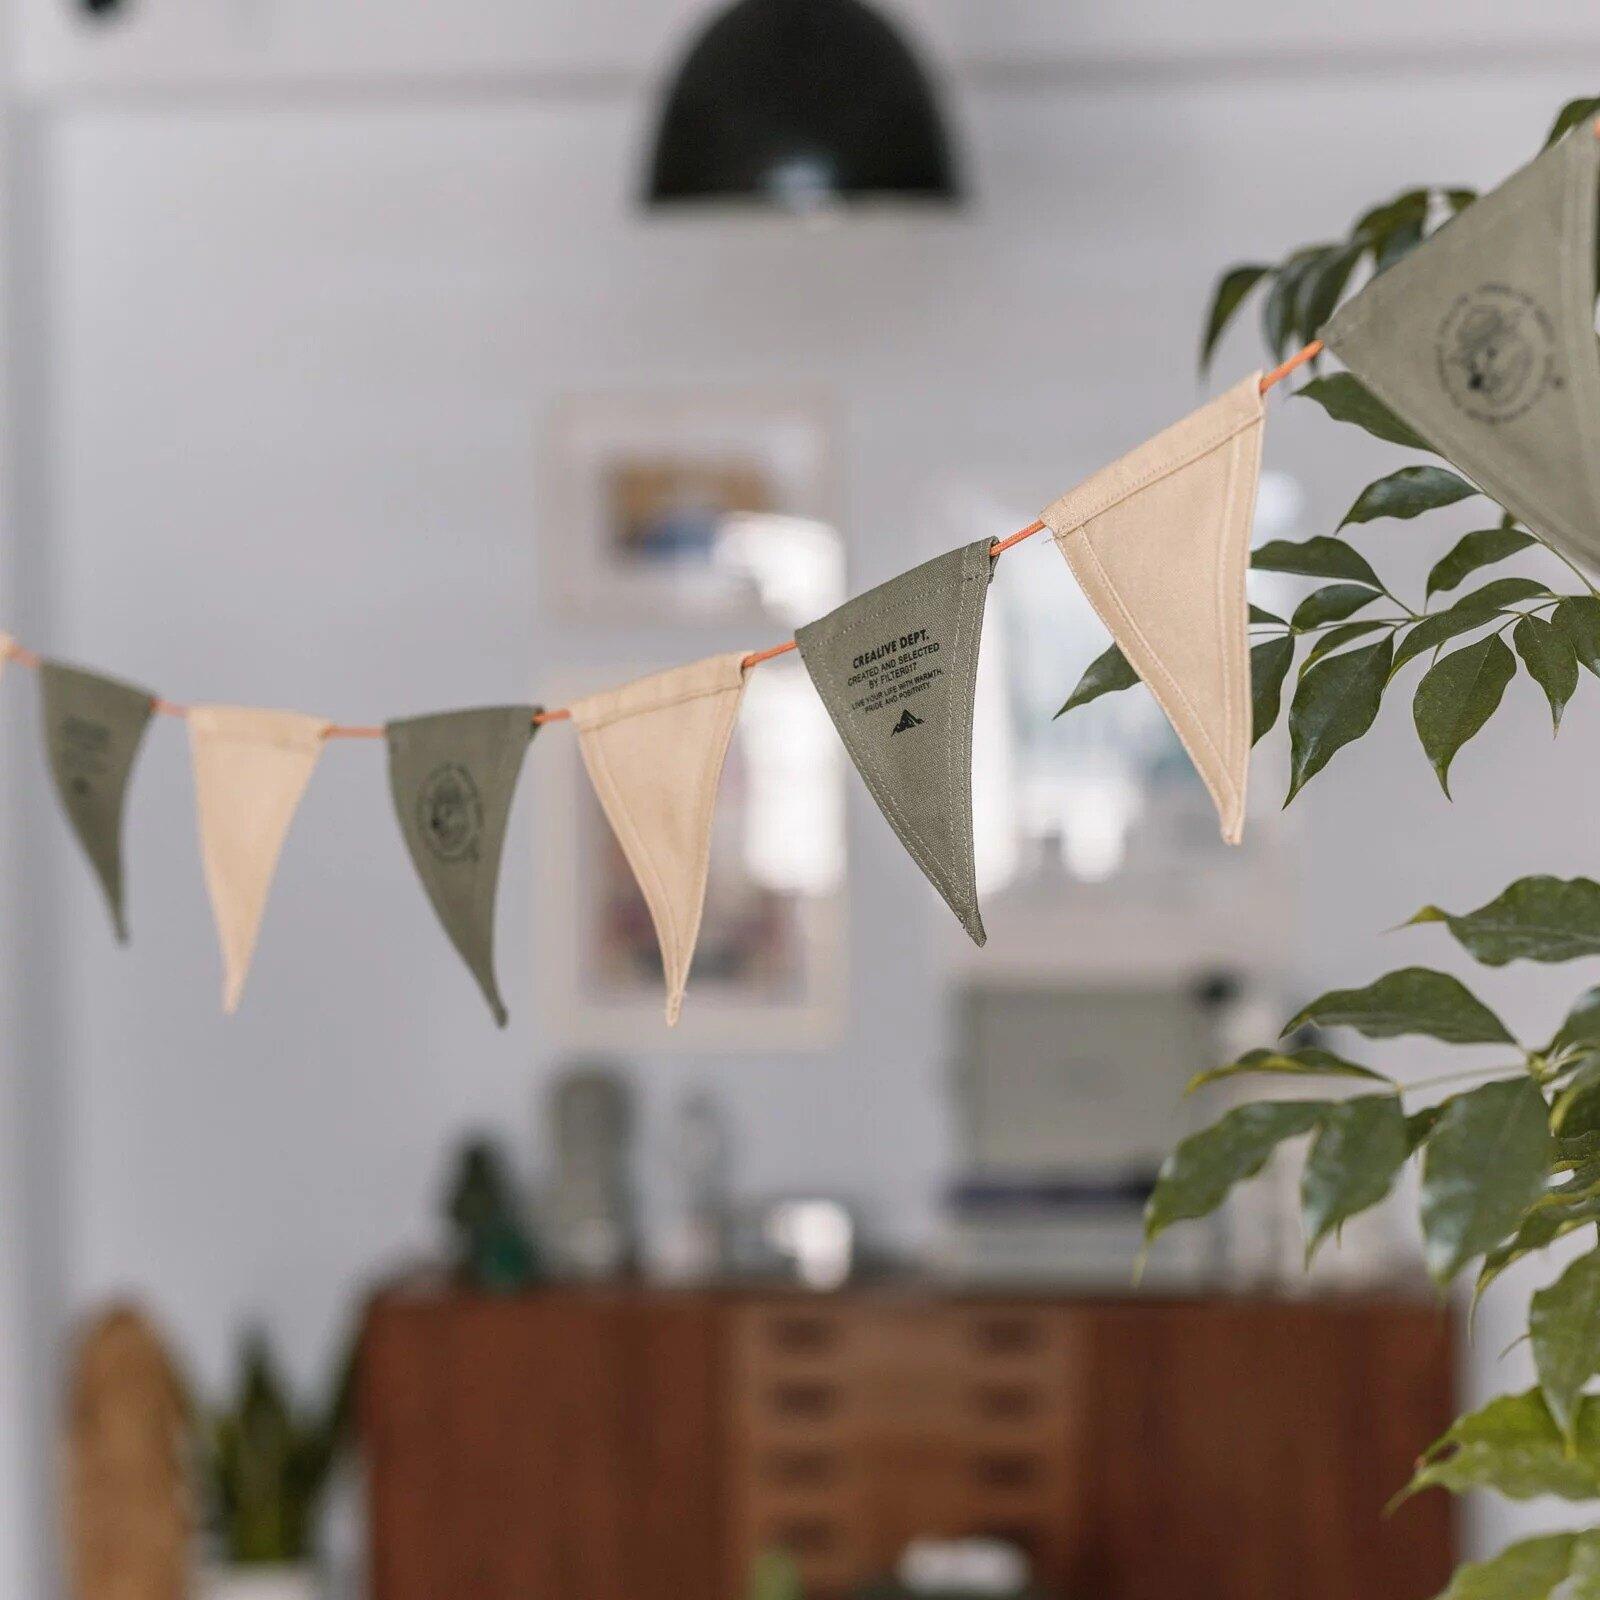 《愛露愛玩》【Filter017】上蠟帆布三角旗繩 裝飾三角旗 小三角旗 裝飾用品 三角旗 露營裝飾 帳篷裝飾